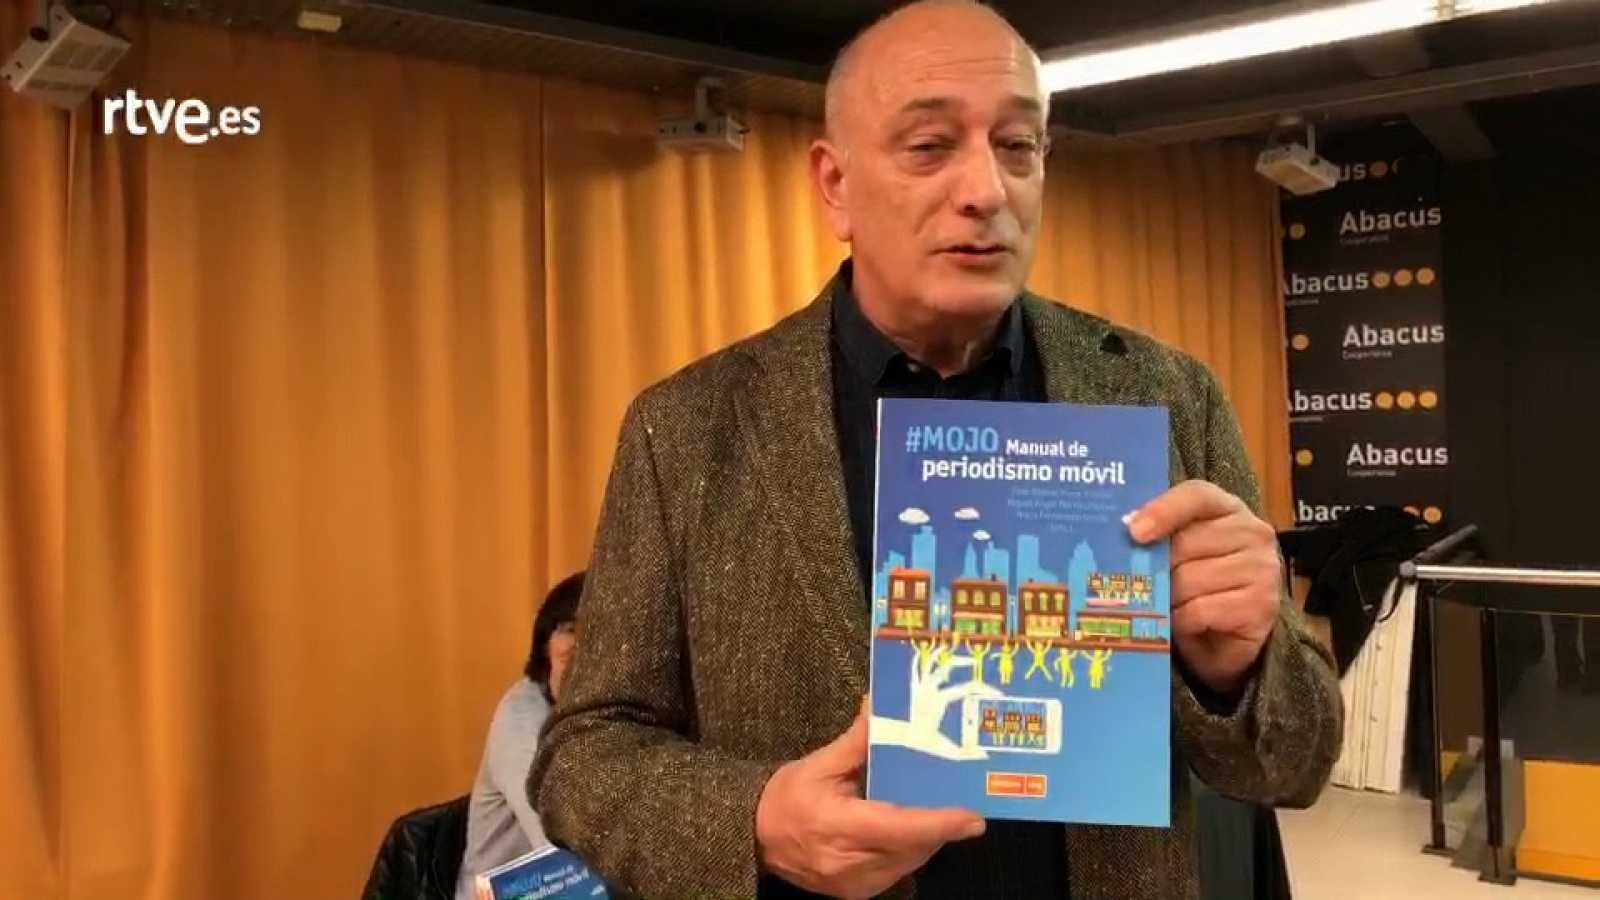 """Miguel Ángel Martín presenta el libro """"#MOJO. Manual de Periodismo Móvil"""" en el Abacus de Sant Cugat"""